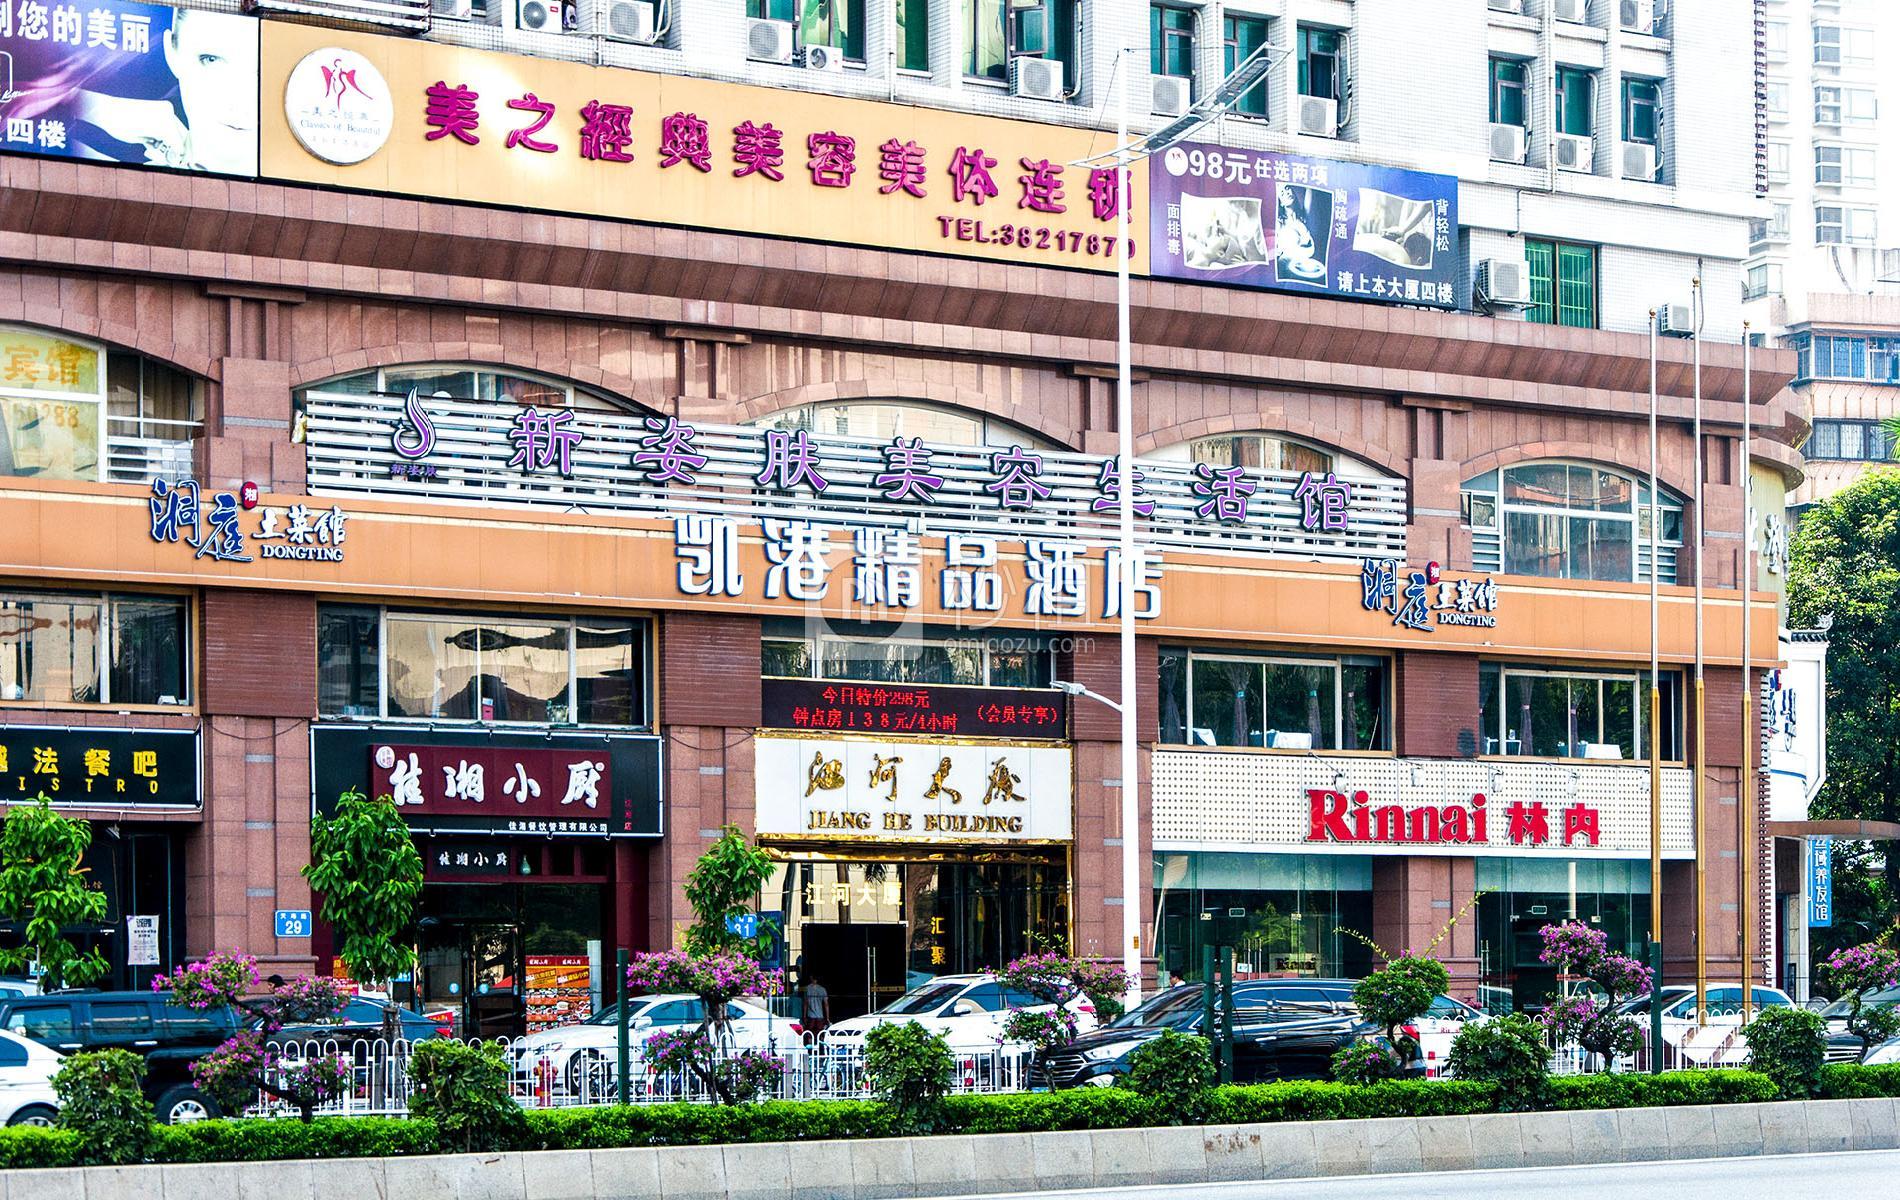 江河大厦写字楼出租/招租/租赁,江河大厦办公室出租/招租/租赁